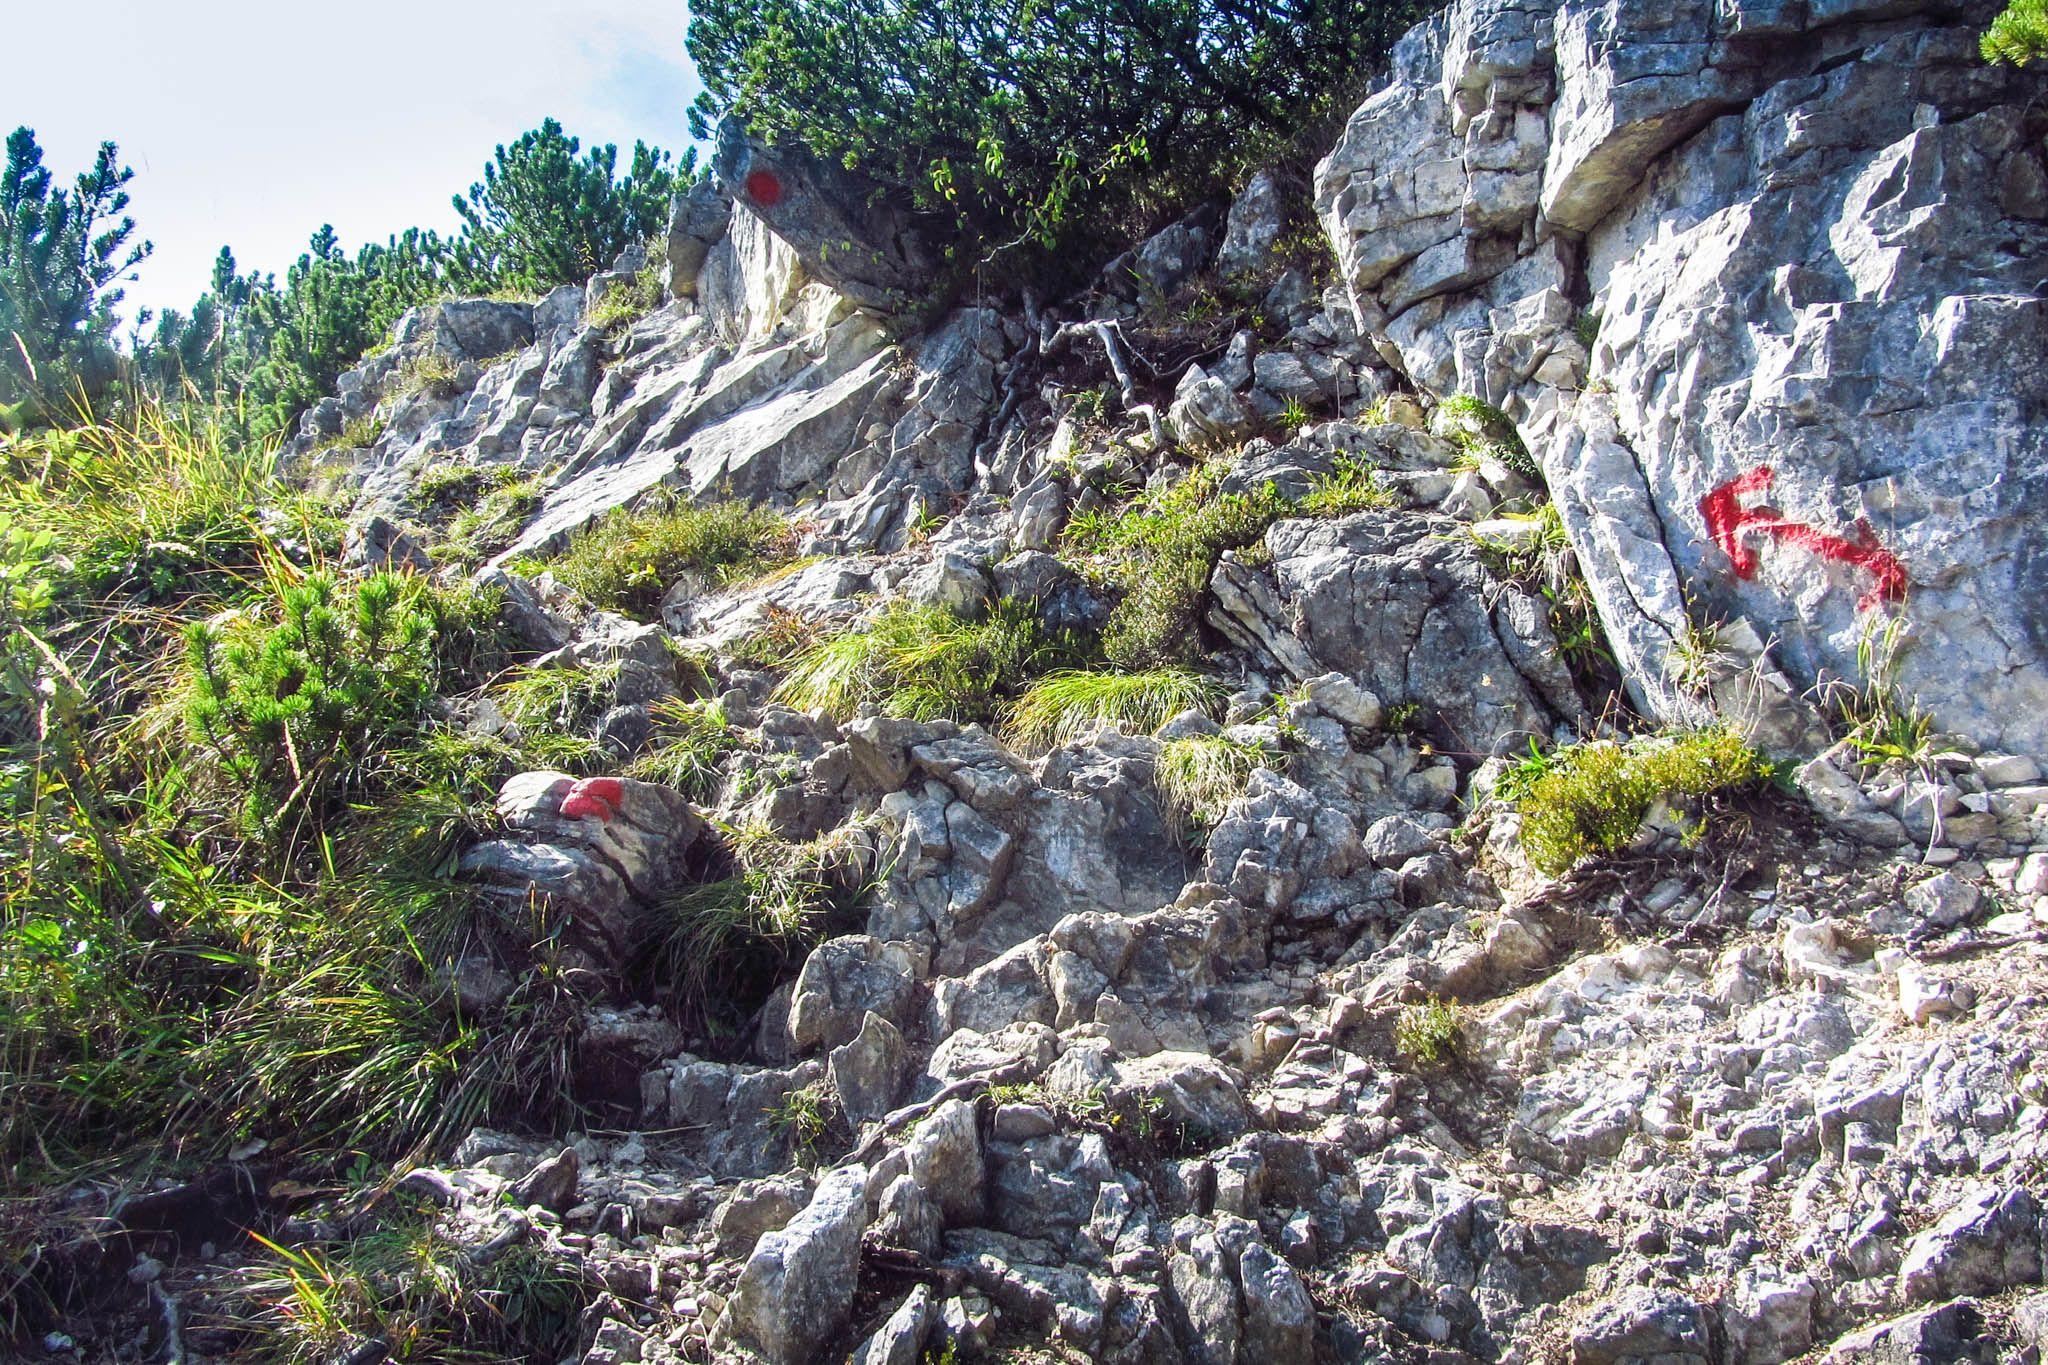 Der Aufstieg auf den Brecherspitz, über teils glitschige Felsen